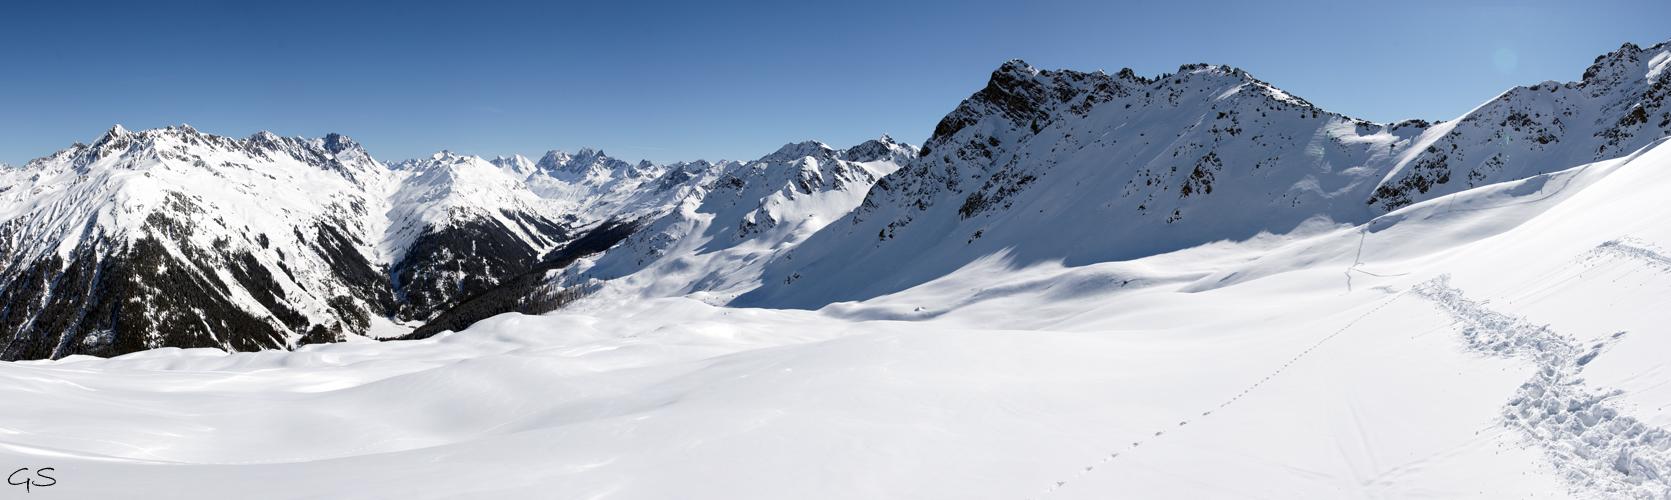 Alpenpanorama - Quiz